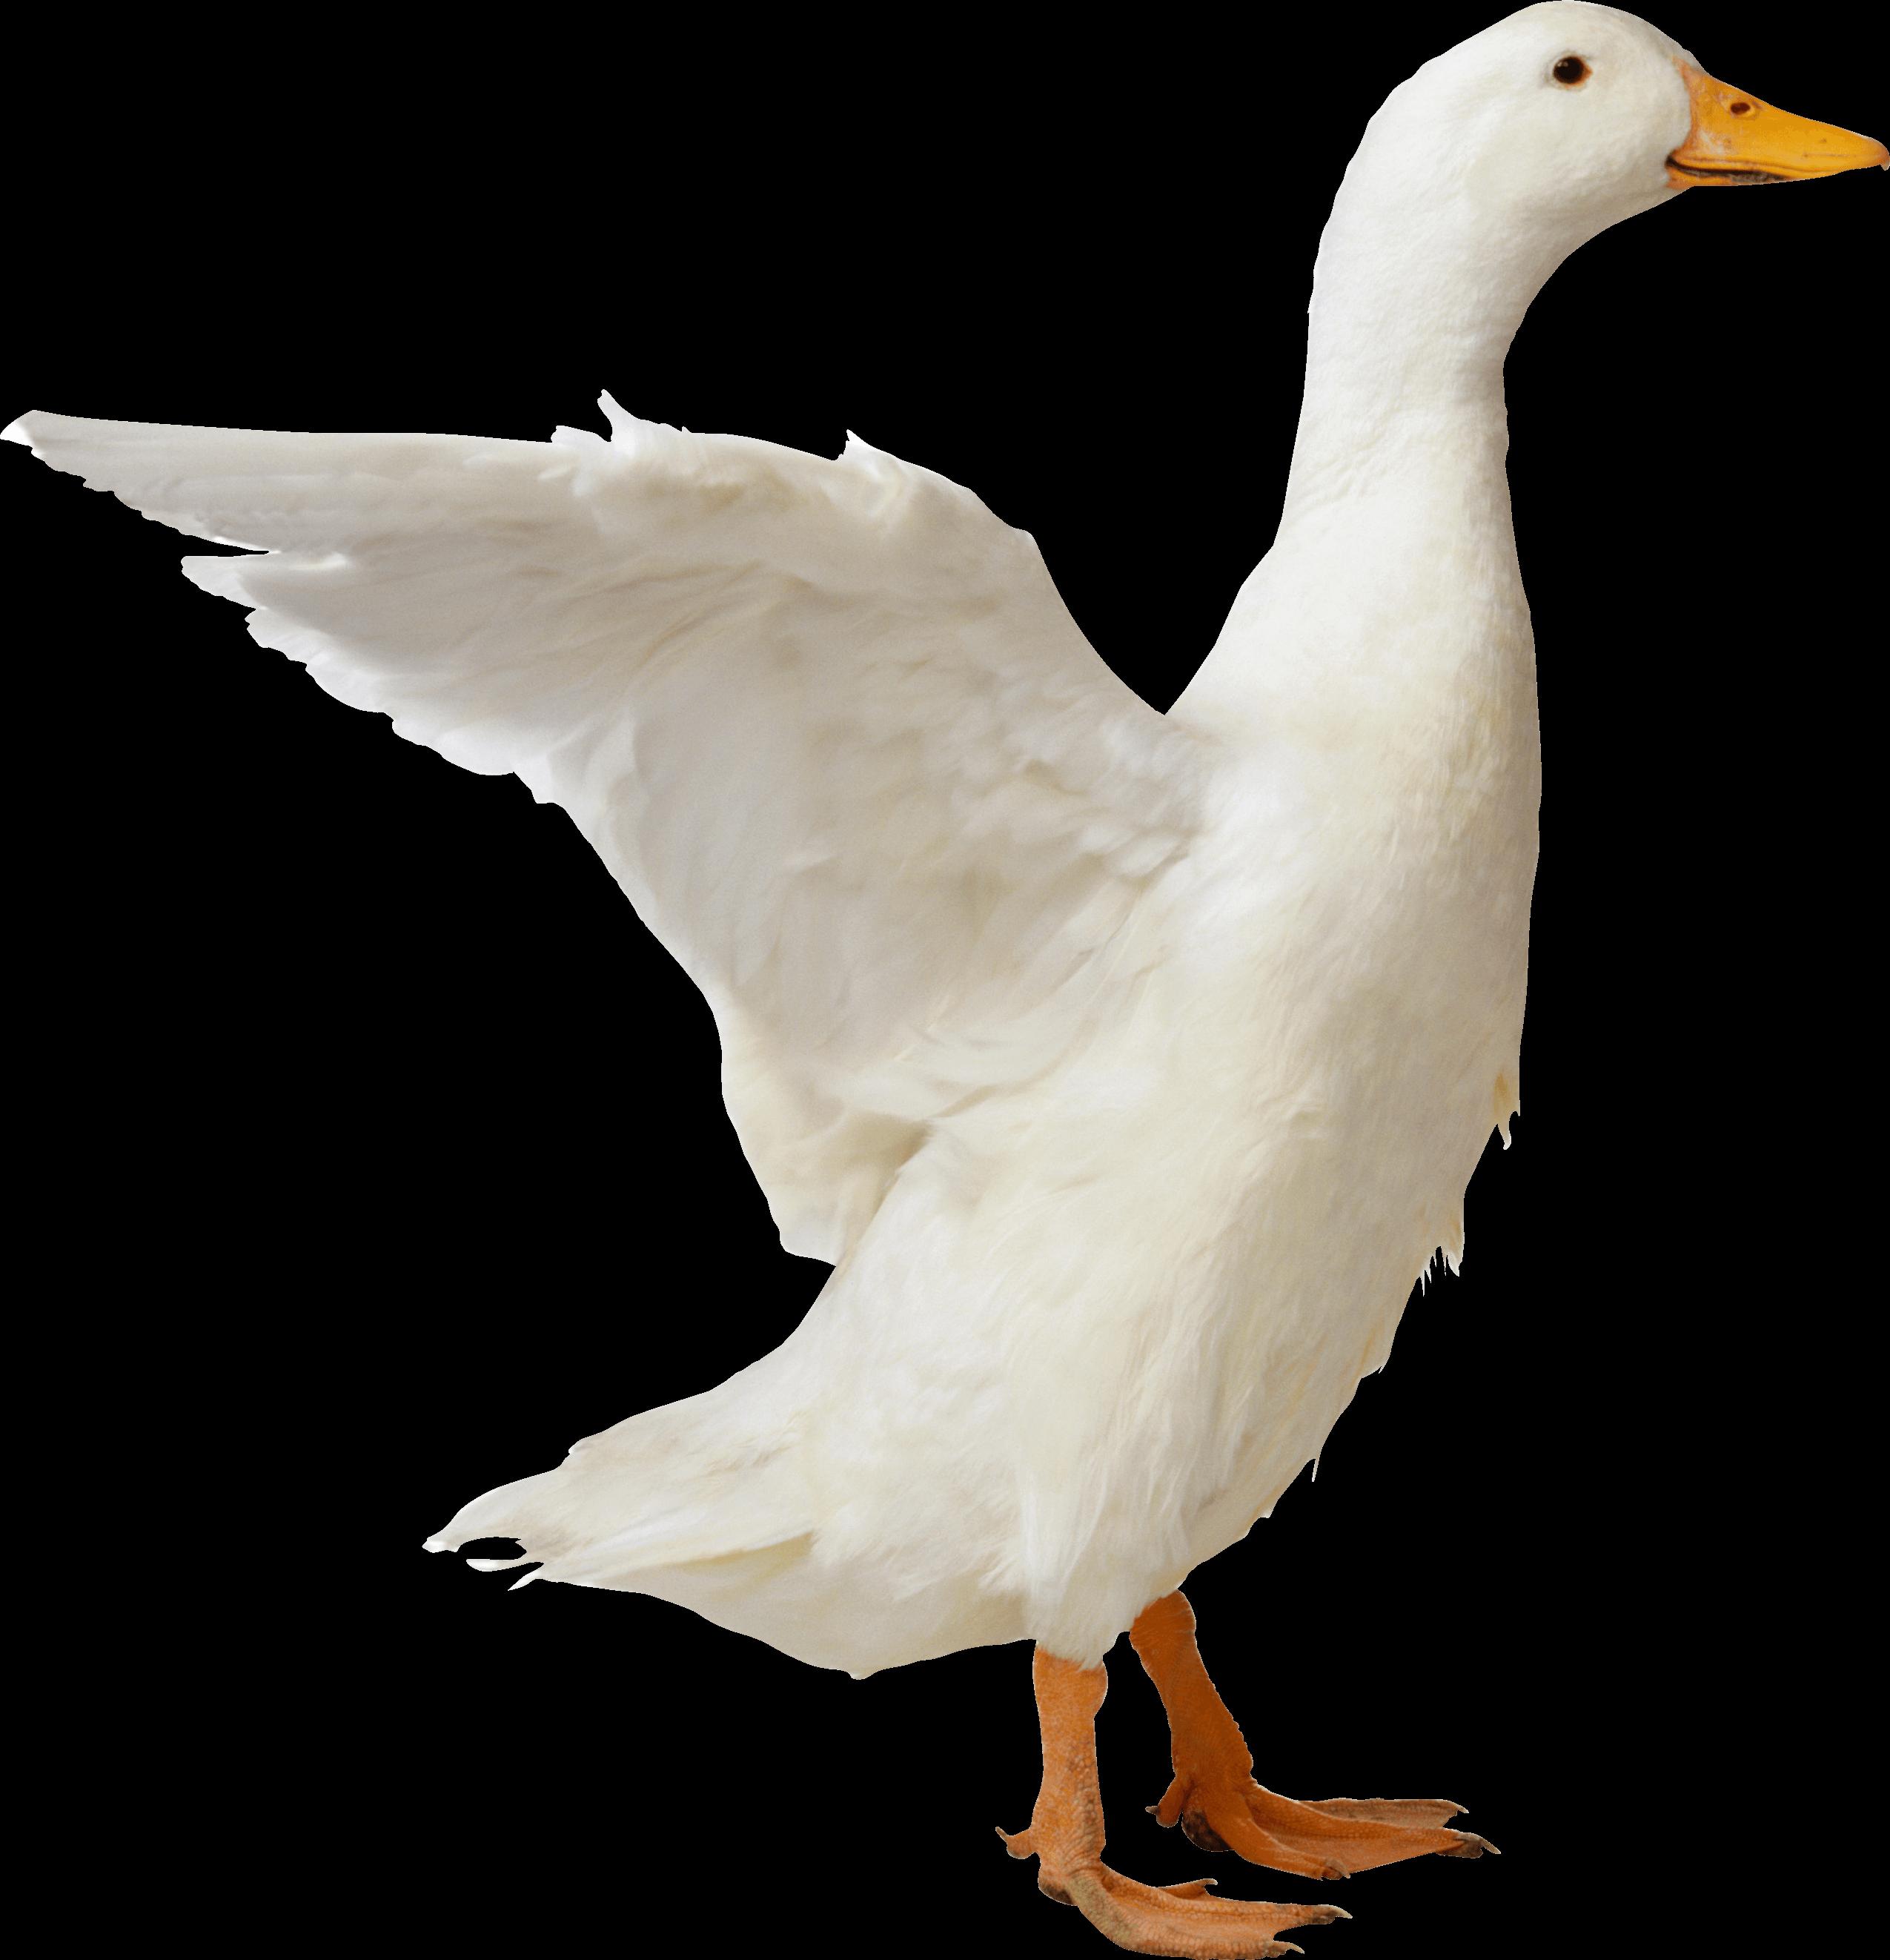 Download - Goose PNG